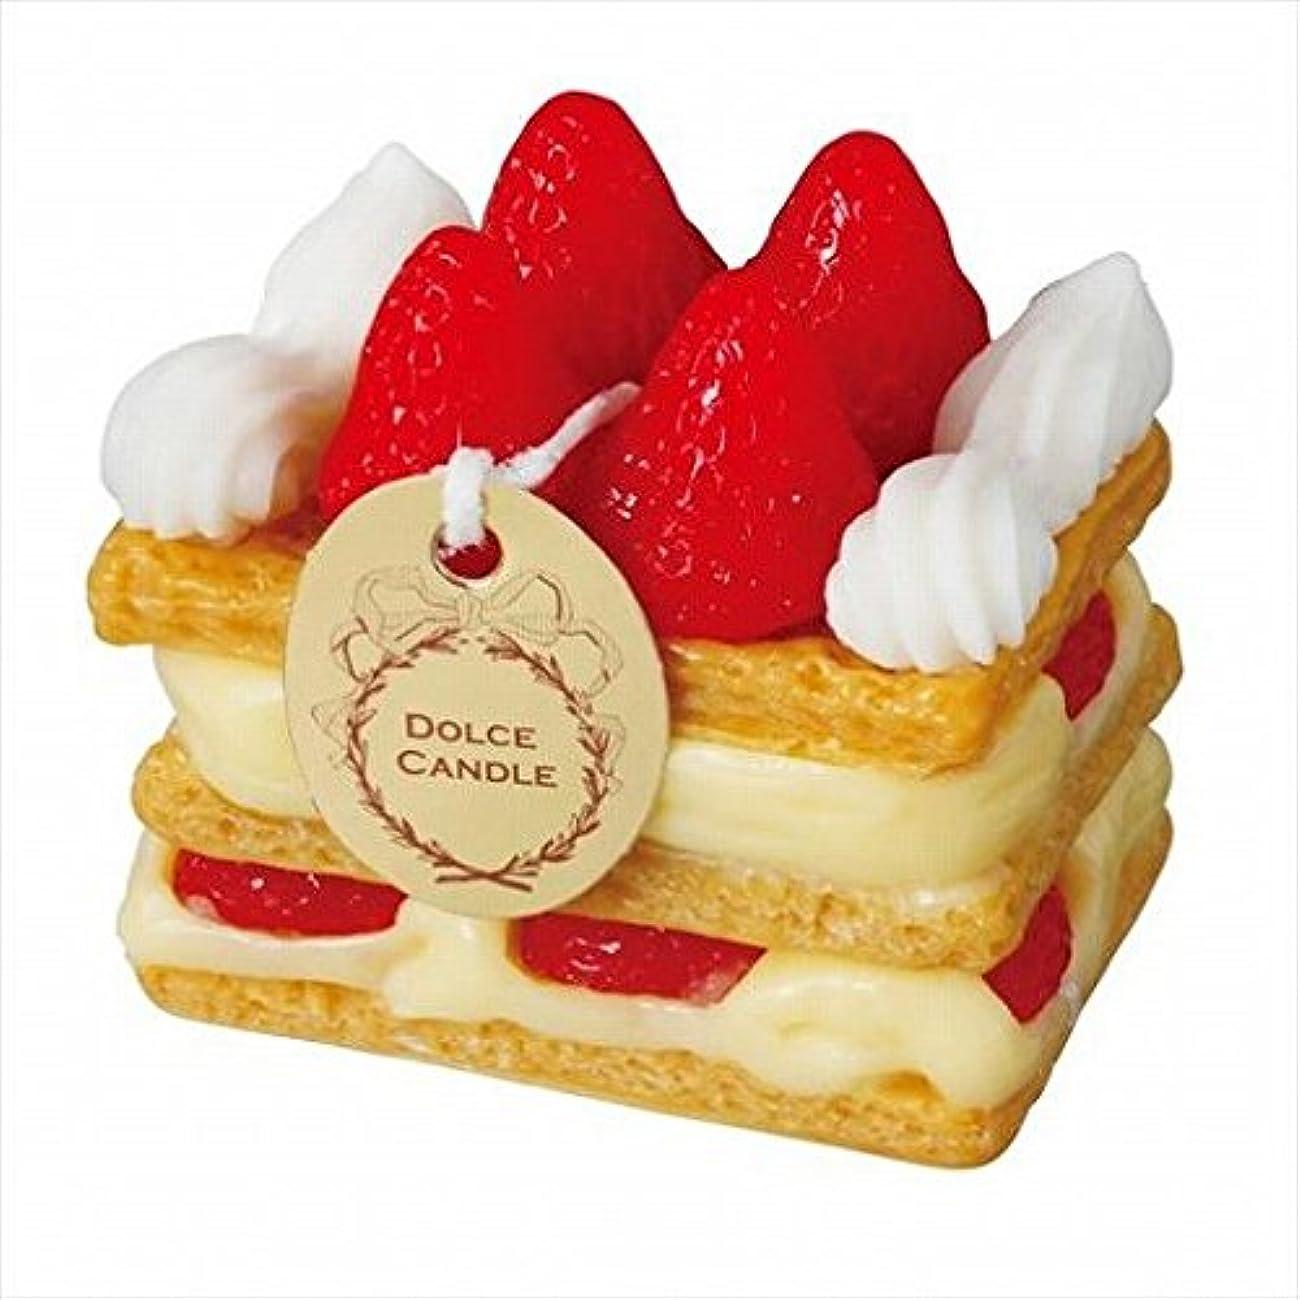 レタッチ人事商品sweets candle(スイーツキャンドル) ドルチェキャンドル 「 ミルフィーユ 」 キャンドル 60x40x60mm (A4340510)